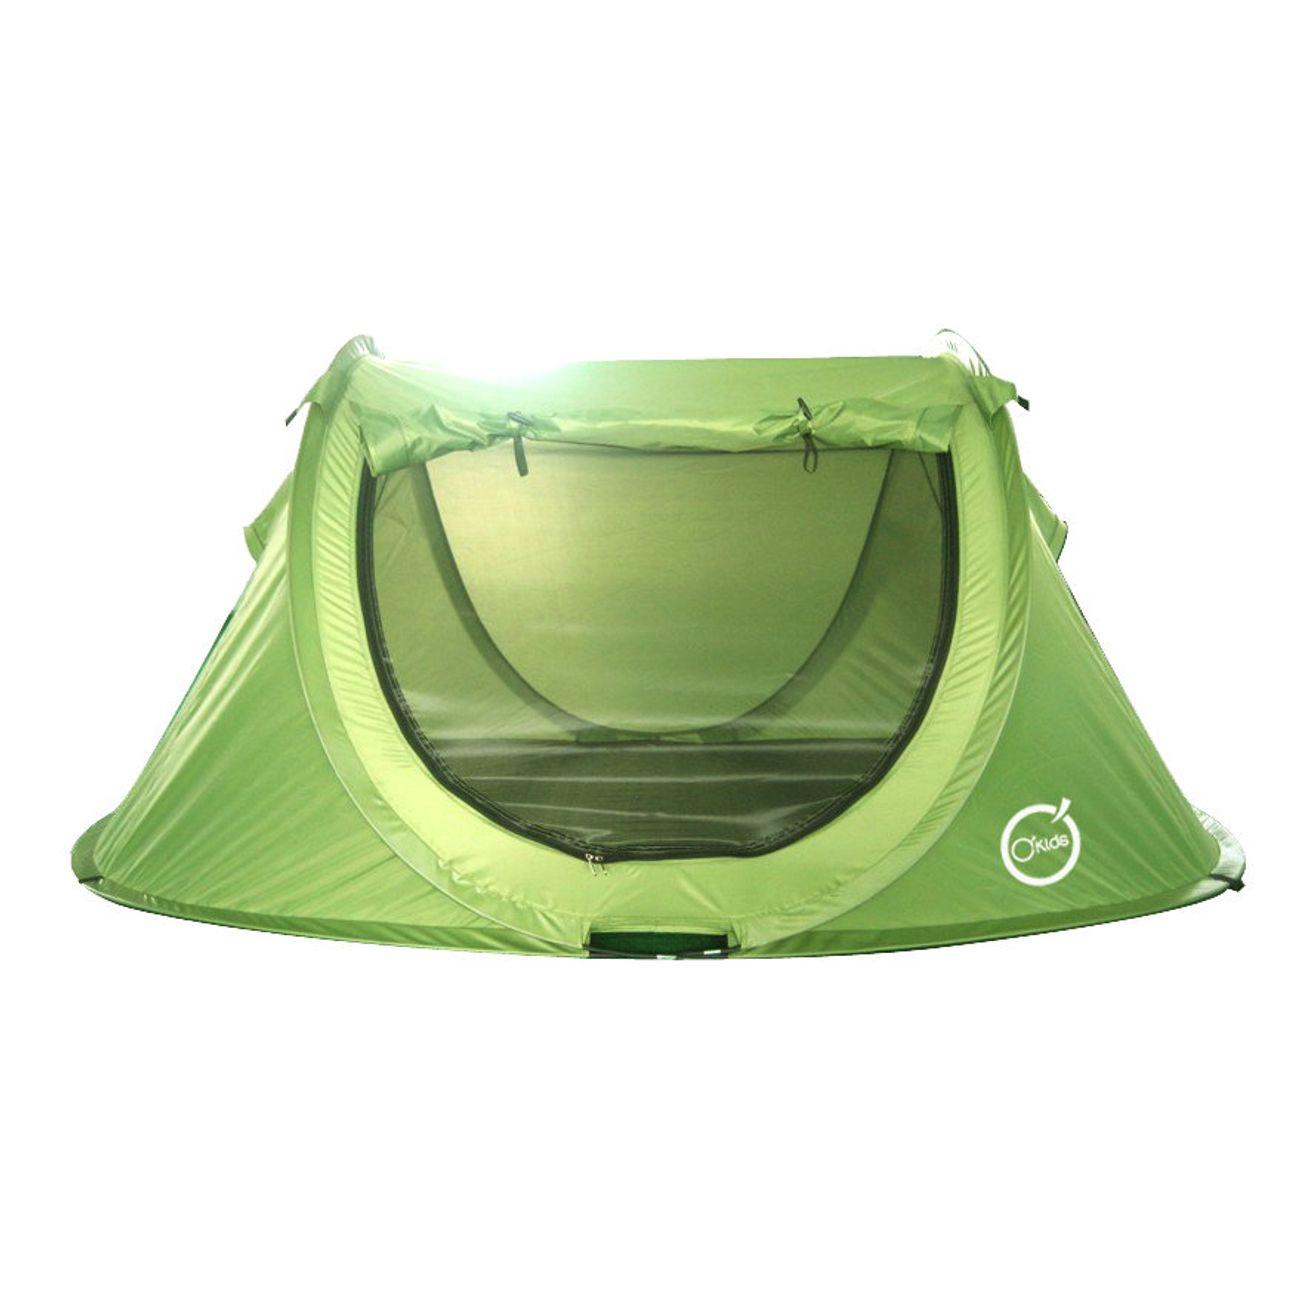 Camping  O'KIDS Tente POPUP Enfant - Structure Pliable et Confortable - Dimensions : 200 x 120 x 85 cm